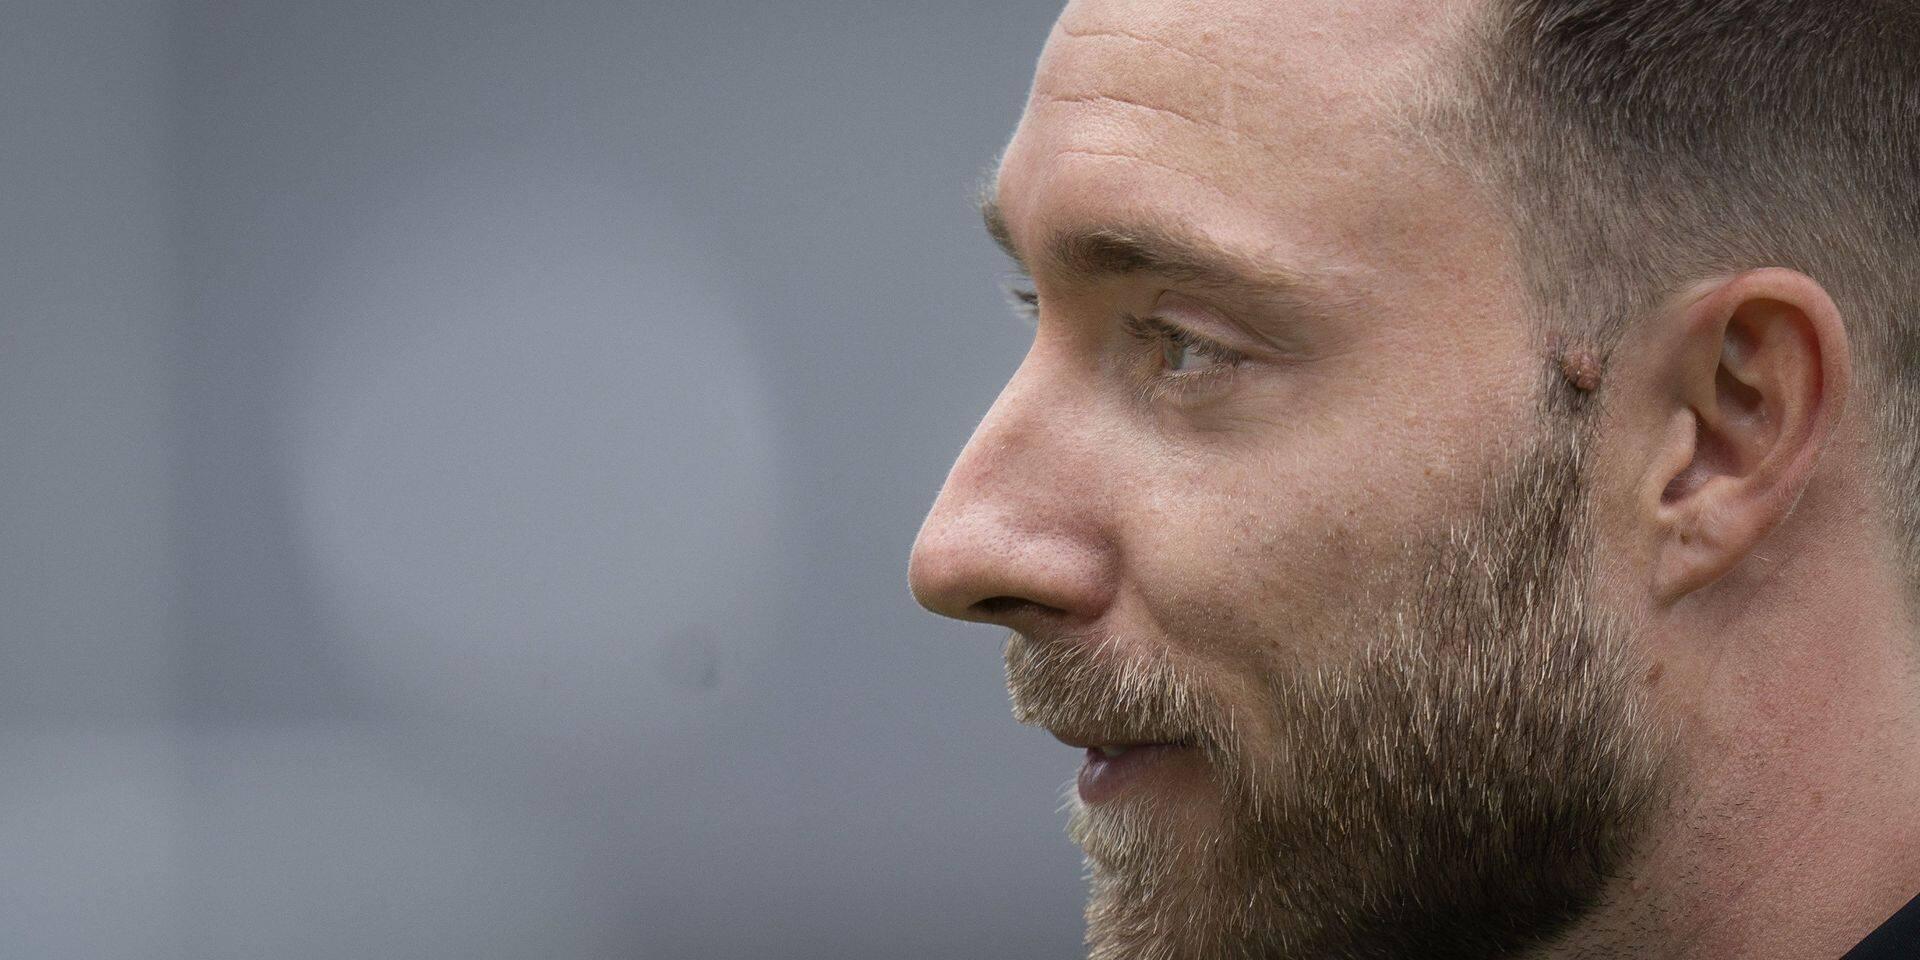 """Christian Eriksen est sorti de l'hôpital: """"L'opération s'est bien passée et je vais bien vu les circonstances"""""""